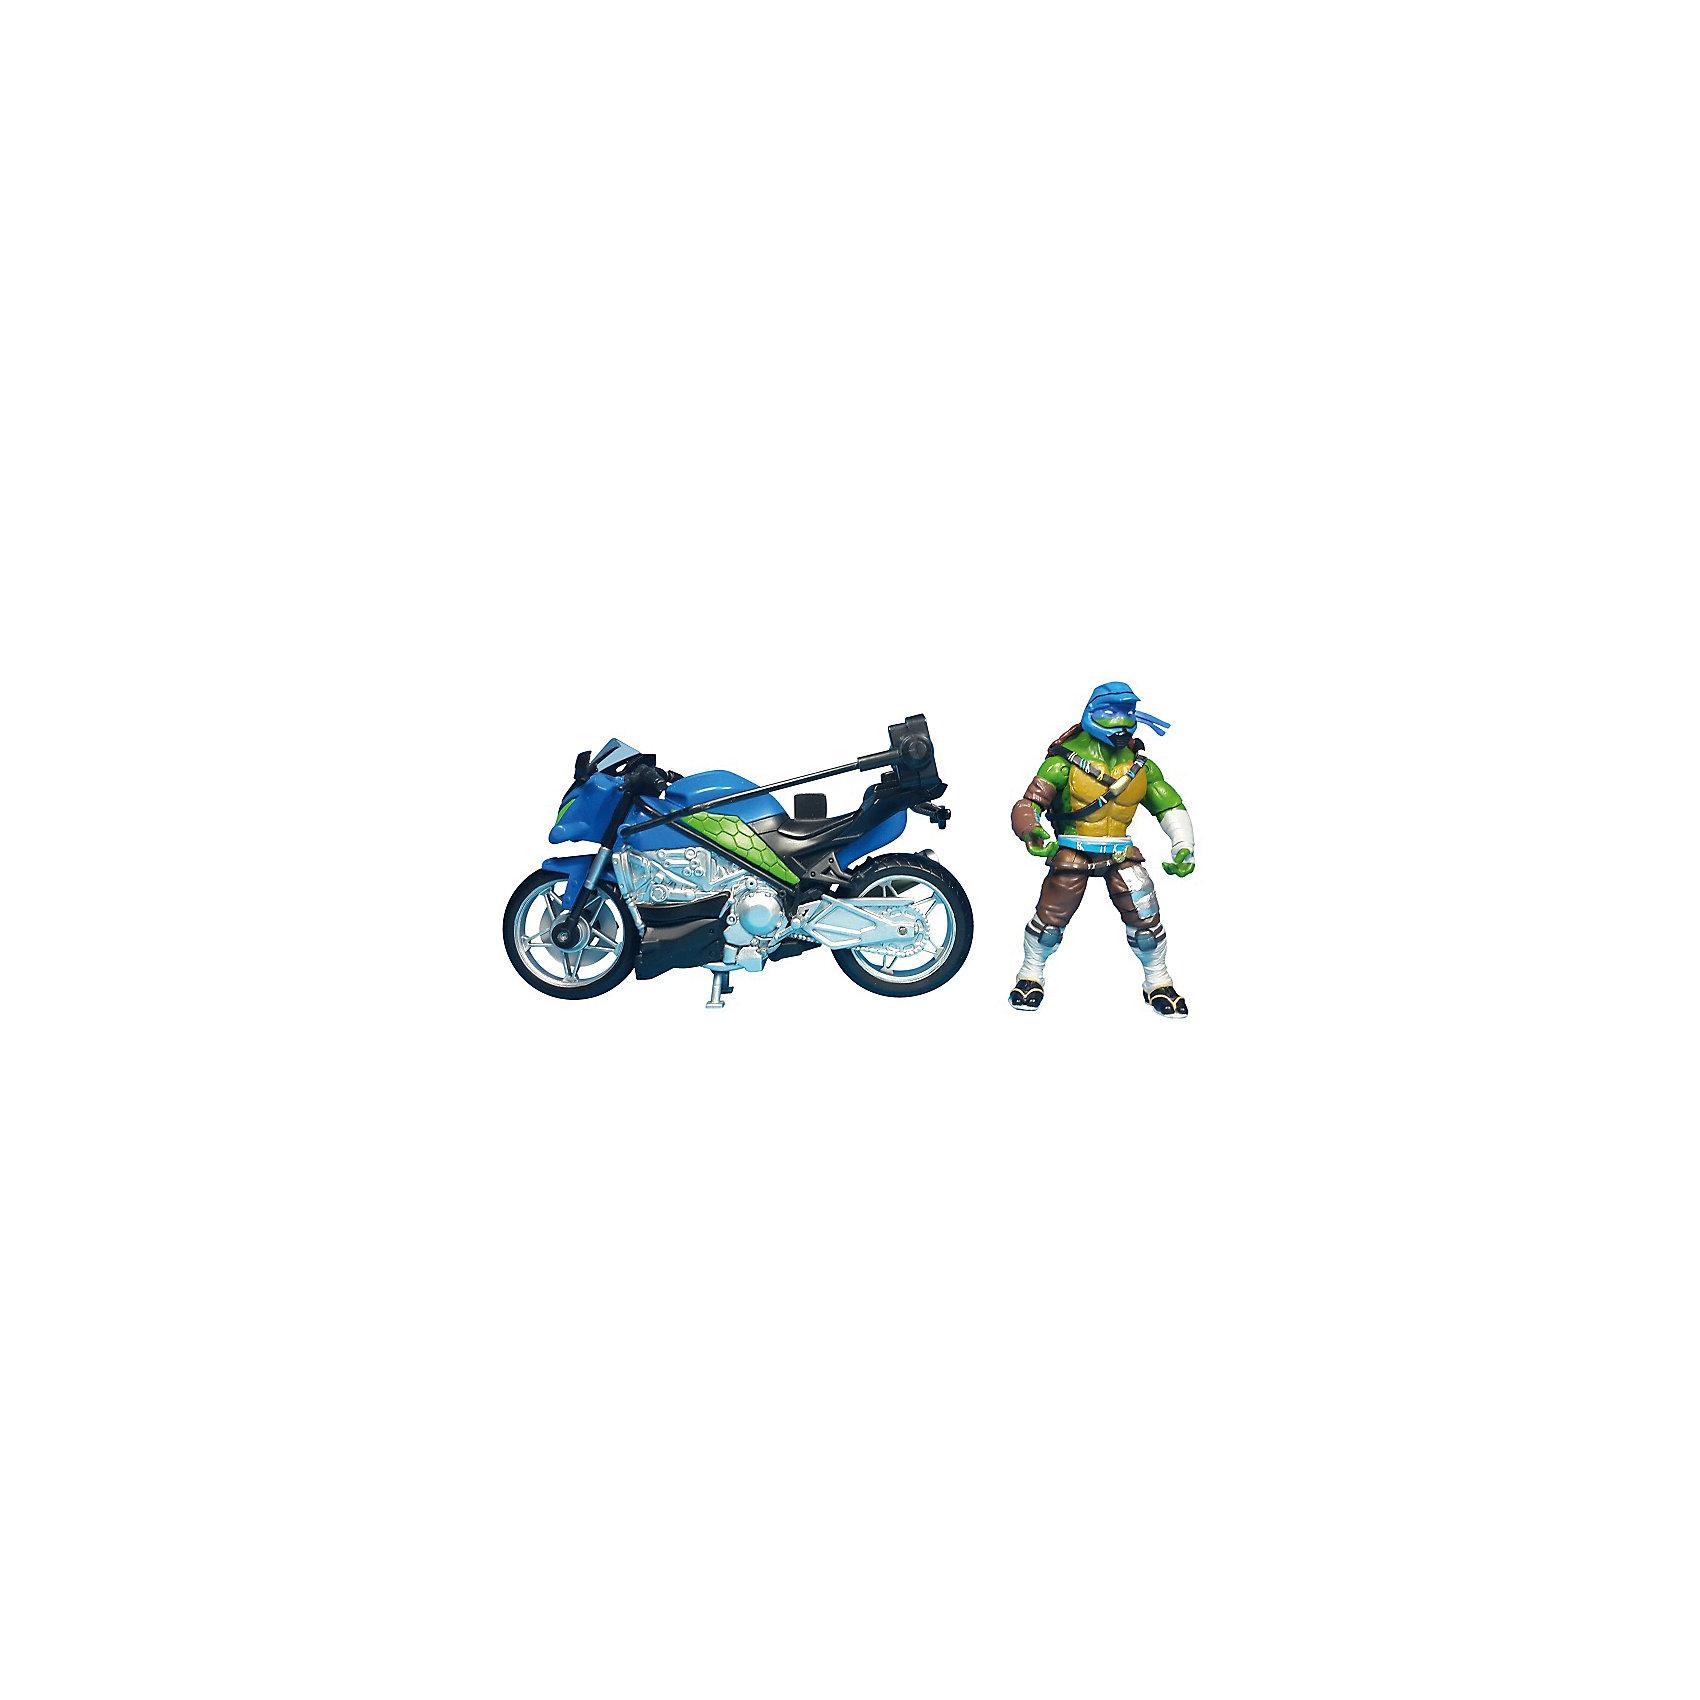 Мотоцикл с фигуркой Лео, Черепашки НиндзяИгровые наборы<br>Мотоцикл с фигуркой Лео, Черепашки Ниндзя, Movie Line, станет отличным подарком для всех юных поклонников популярного мультсериала Черепашки Ниндзя. Отважные черепашки-мутанты, владеющие боевыми искусствами, переживают невероятные приключения, спасая мир от злодеев. В комплекте Вы найдете мотоцикл, фигурку Лео и его оружие. Суперскоростной мотоцикл выполнен с высокой степенью детализации и обладает секретом - при нажатии на кнопку фигурка Лео совершает кувырок в воздухе! Фигурка Леонардо раскрашена в соответствии с экранным образом героя, руки и ноги подвижные, в кисти рук можно вложить оружие - две катаны.<br><br>Дополнительная информация:<br><br>- В комплекте: мотоцикл, фигурка, оружие.<br>- Материал: пластик.<br>- Высота фигурки: 11 см.<br>- Размер упаковки: 32,5 x 19,4 x 10,5 см.  <br>- Вес: 0,638 кг. <br><br>Мотоцикл с фигуркой Лео, Черепашки Ниндзя, Movie Line, можно купить в нашем интернет-магазине.<br><br>Ширина мм: 325<br>Глубина мм: 194<br>Высота мм: 105<br>Вес г: 638<br>Возраст от месяцев: 36<br>Возраст до месяцев: 144<br>Пол: Мужской<br>Возраст: Детский<br>SKU: 4657956